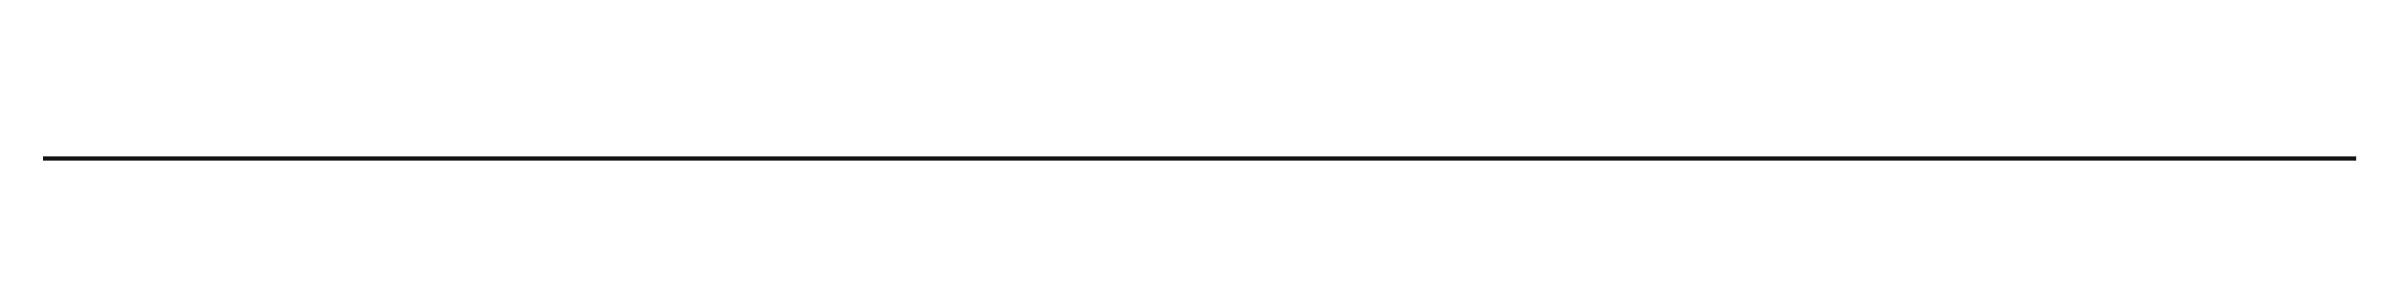 Long Line.jpg